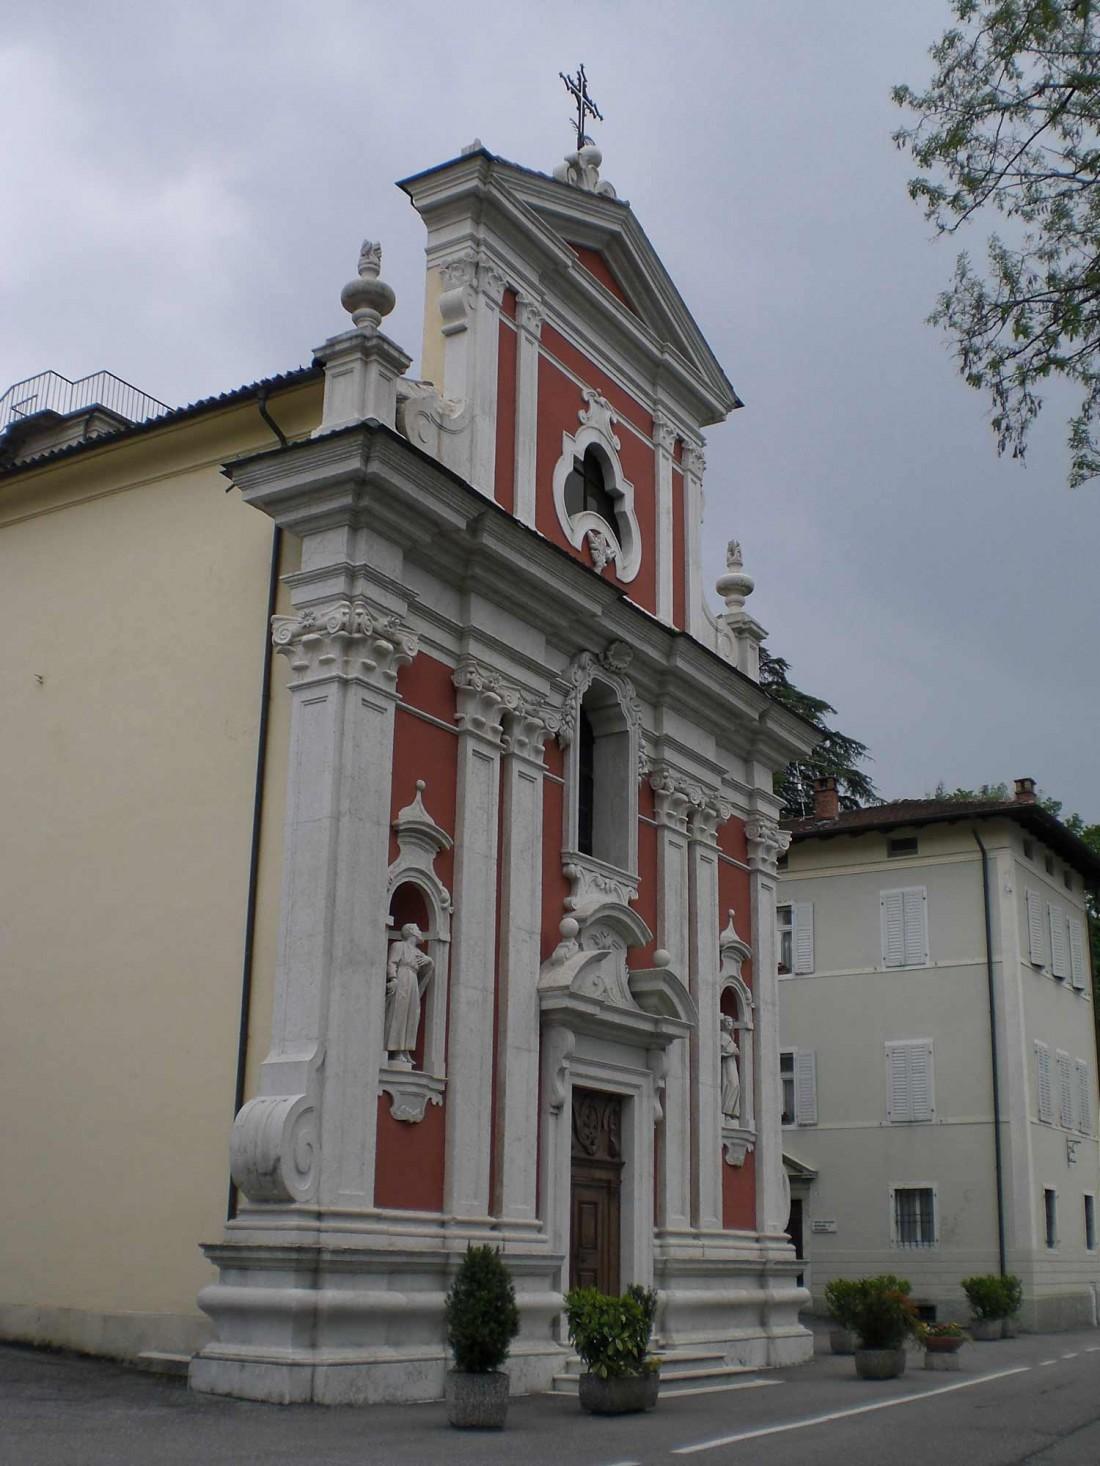 Santuario-Madonna-del-Monte-Rovereto-visitrovereto